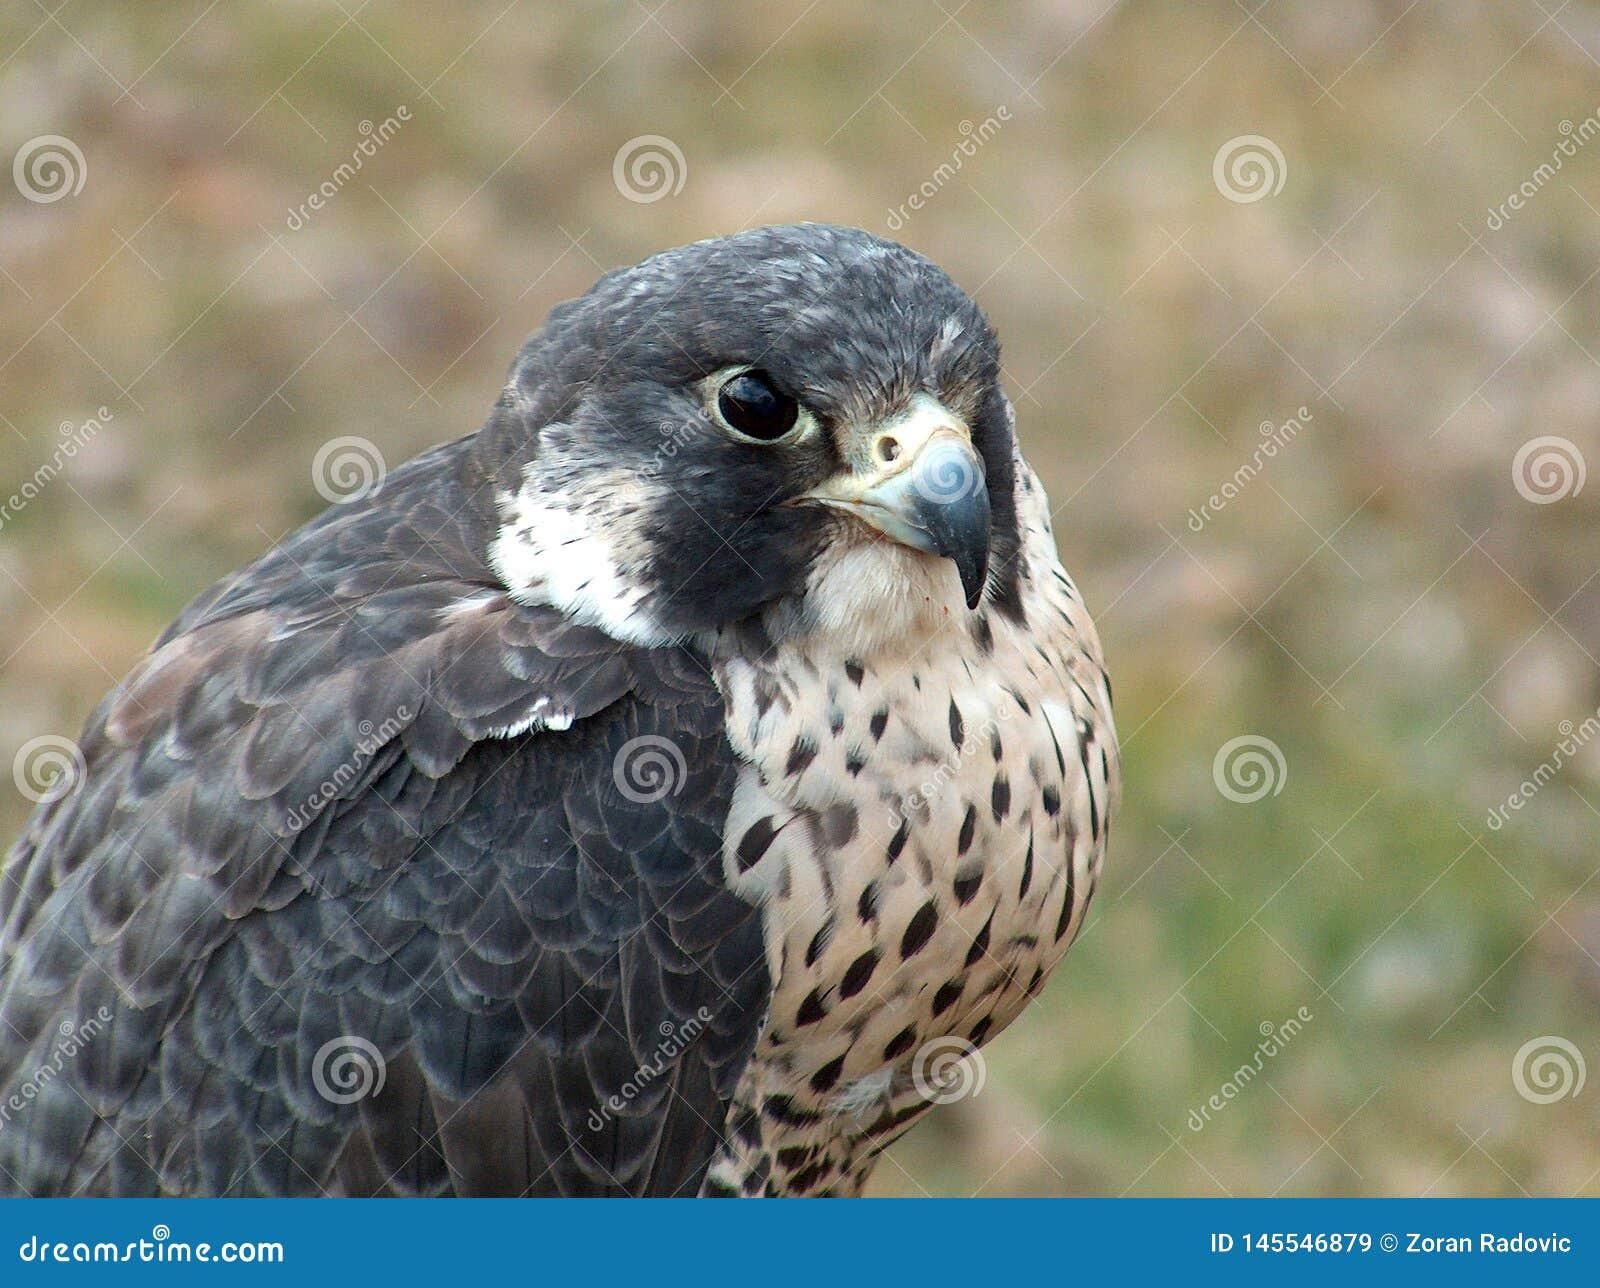 Portret sokoła wędrownego jastrząbka Falco peregrinus